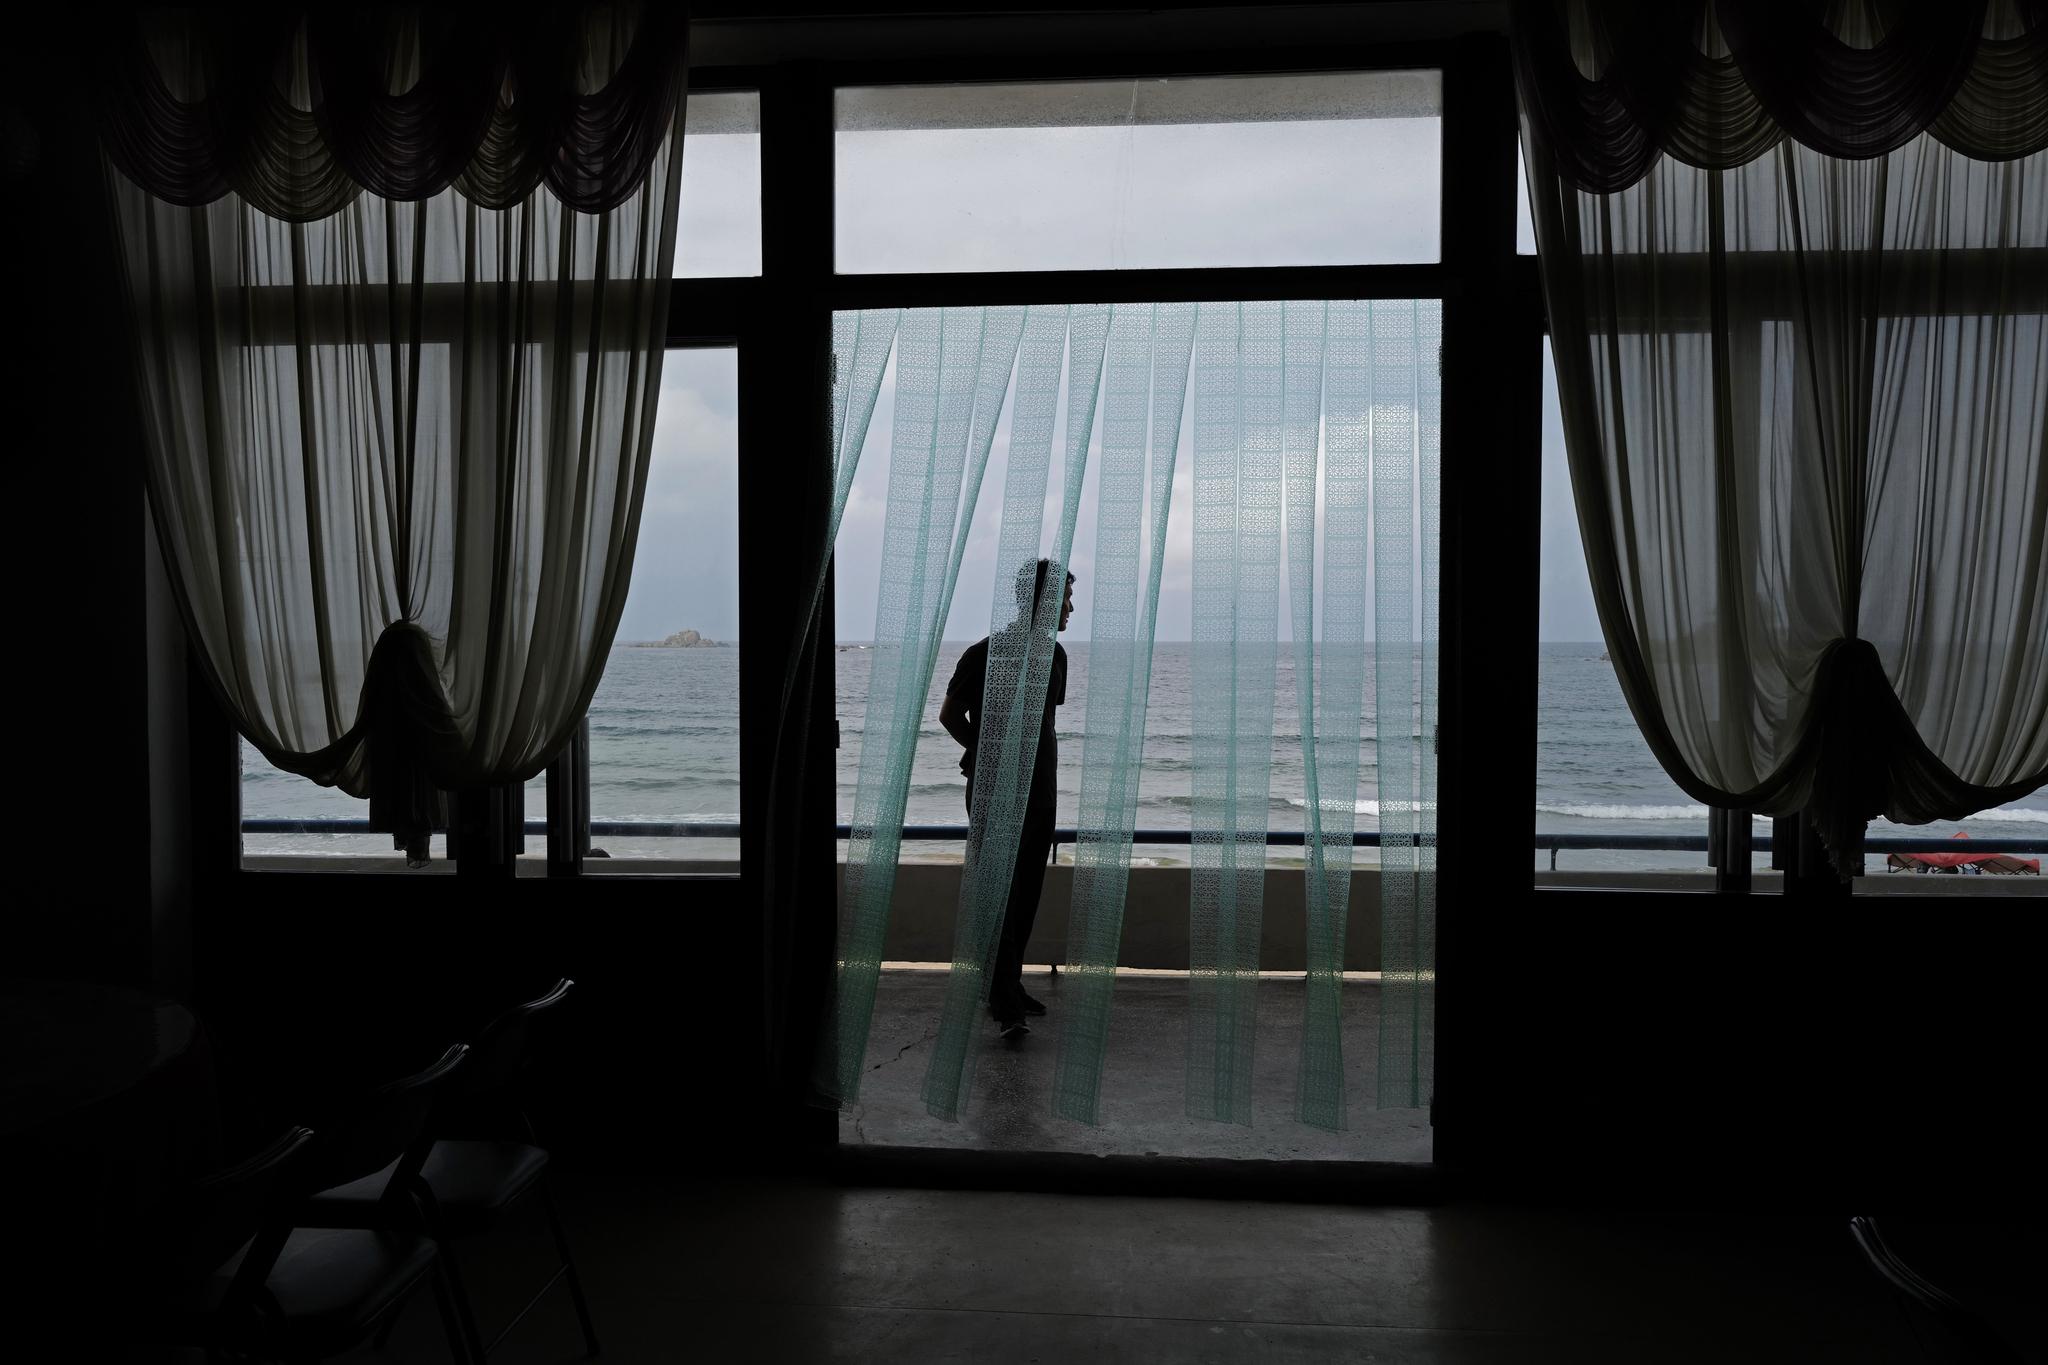 해수욕장의 식당 건물에서 바라본 시중호 해수욕장. [AP=연합뉴스]